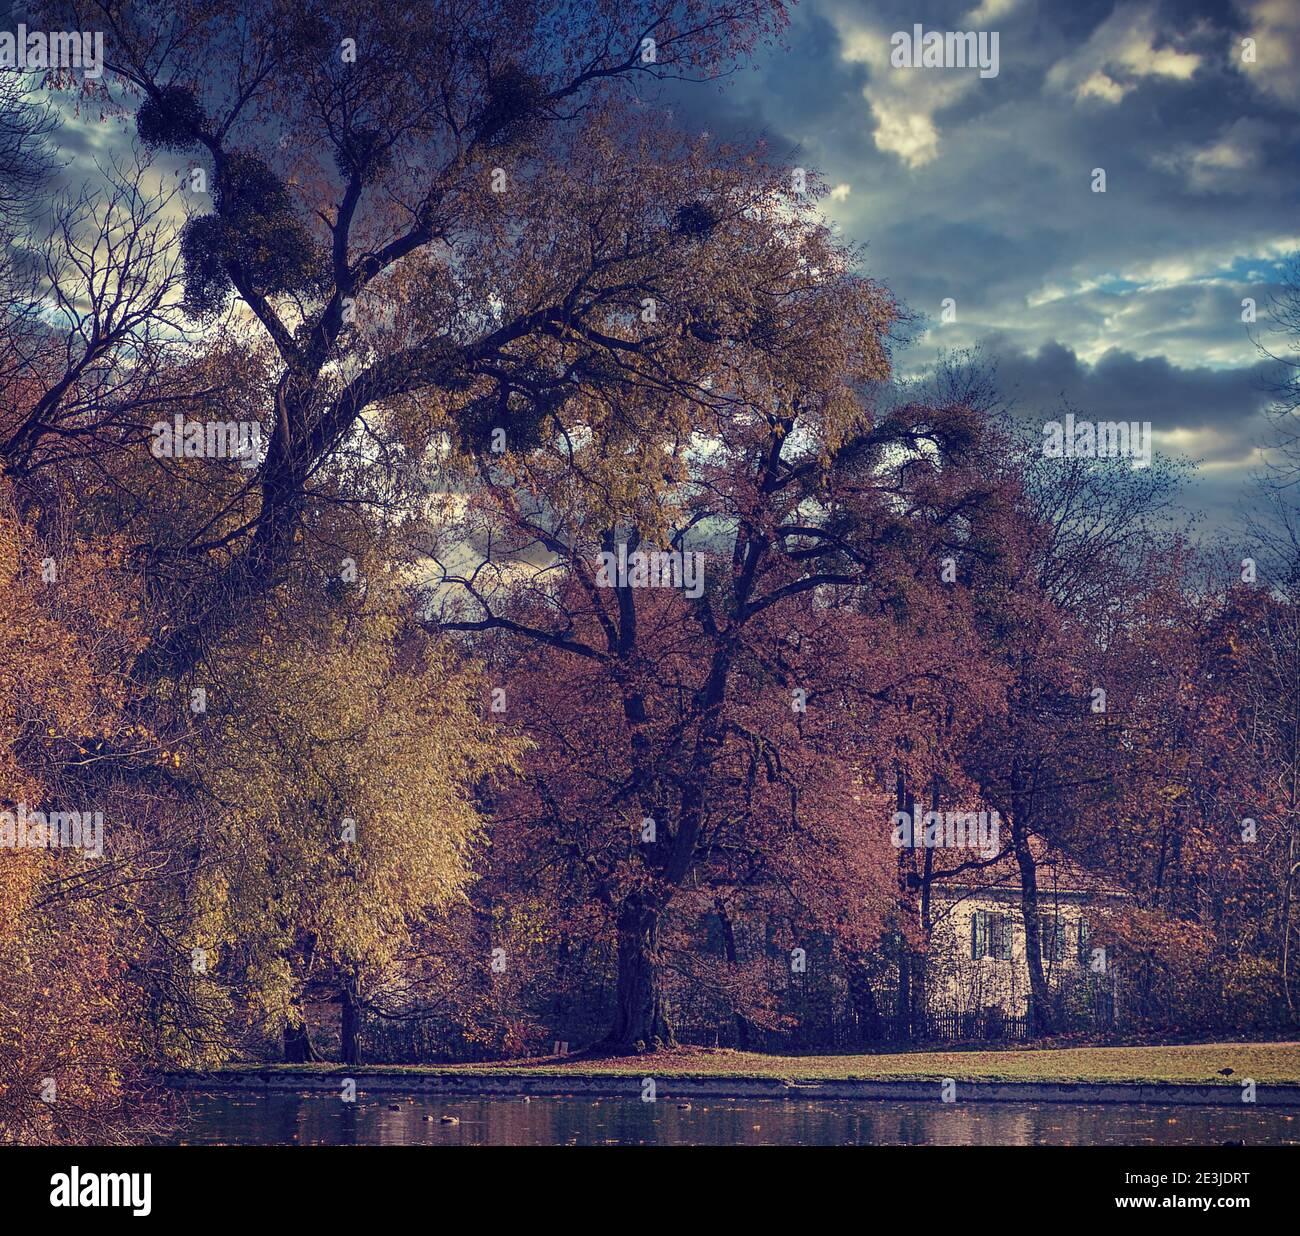 Vue d'automne d'une villa ancienne romantique entourée d'un parc vert avec de hauts arbres sur un bord de lac Banque D'Images